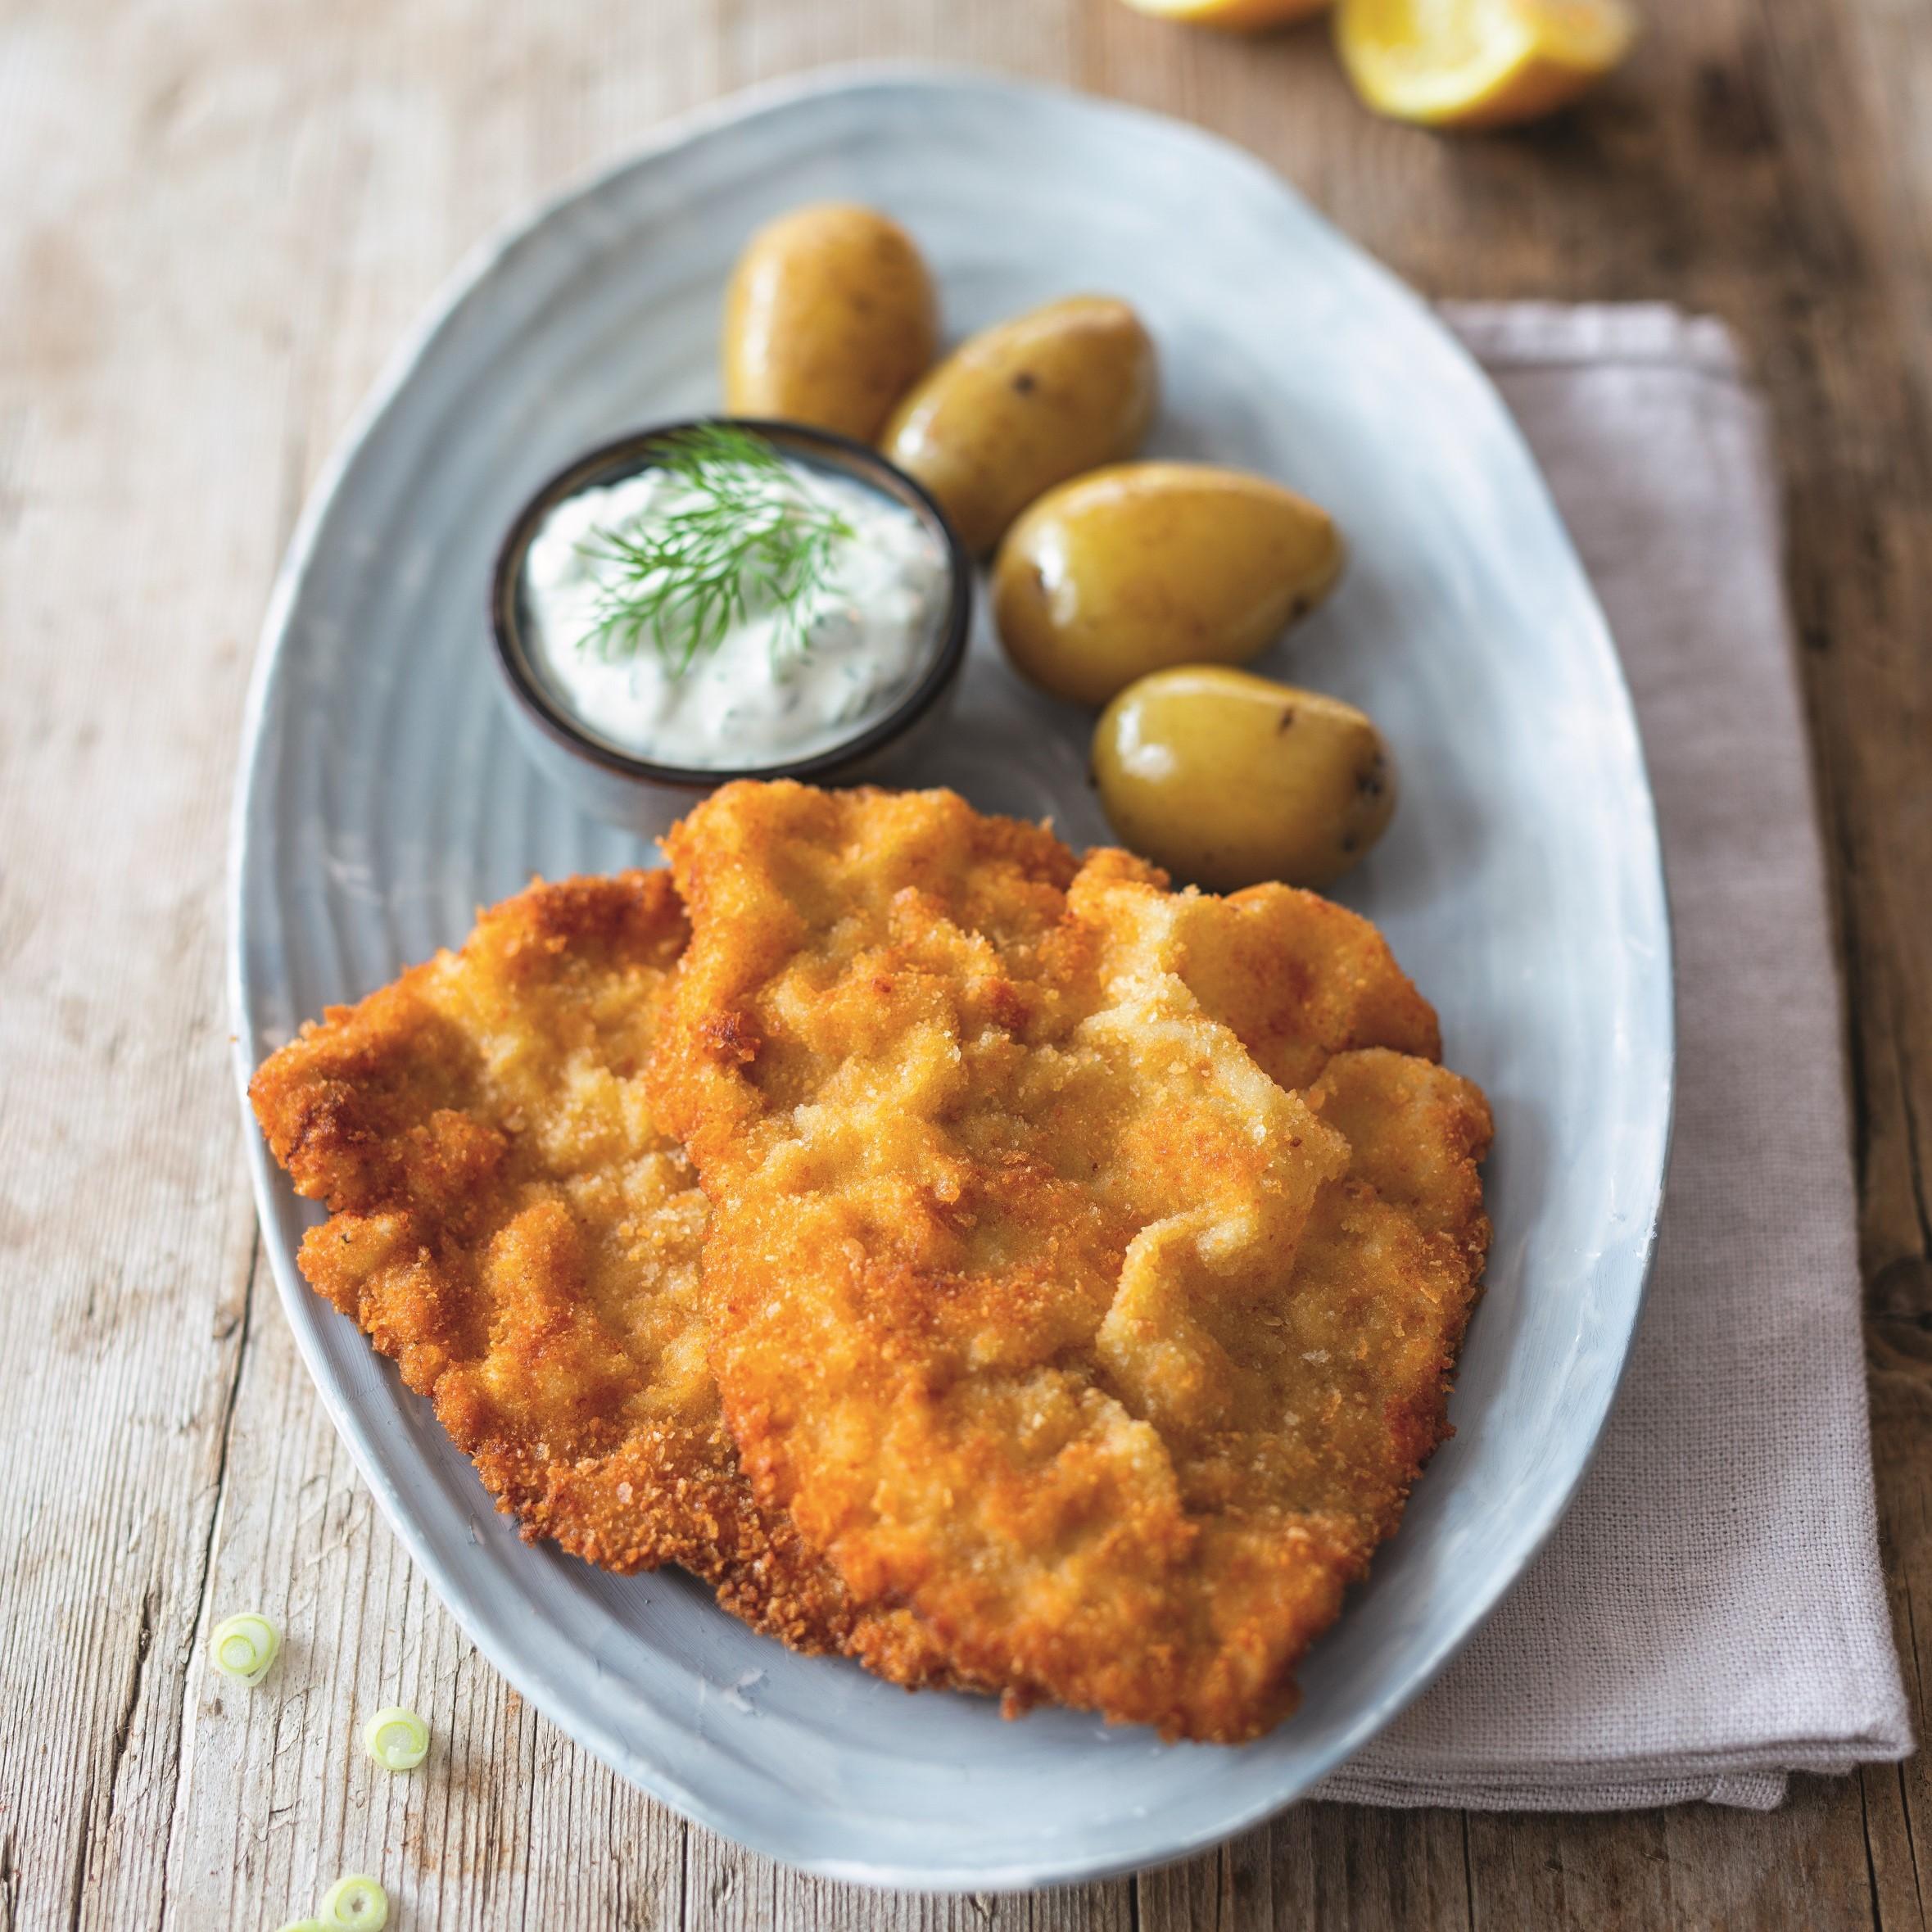 Schnitzel mit jungen Kartoffeln und Kräutersauce - Rezept Bild